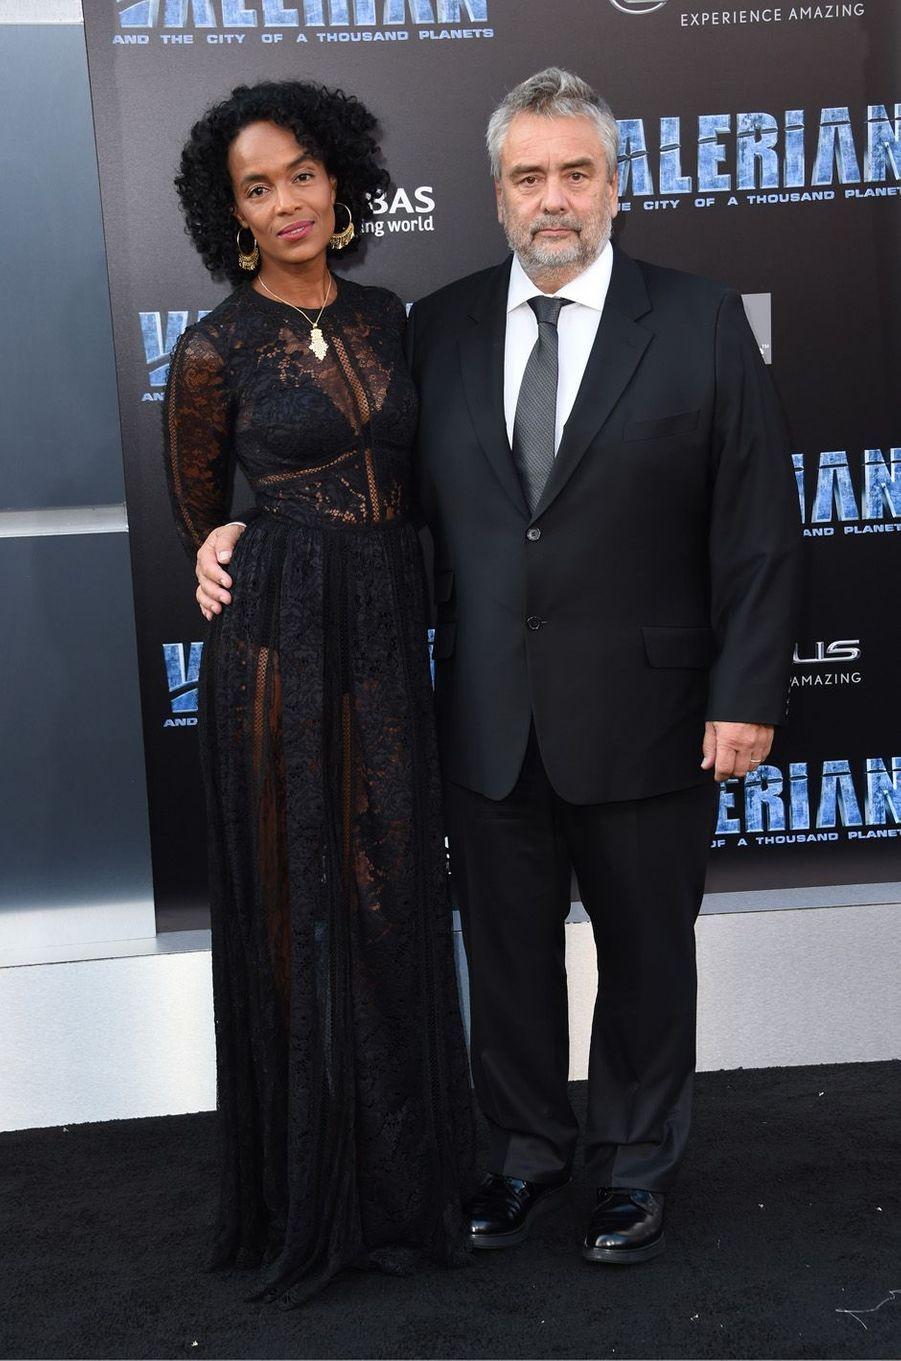 Virginie Besson-Silla et Luc Besson à l'avant-première de Valérian et la Cité des mille planètes, le 17 juillet 2017 à Los Angeles.